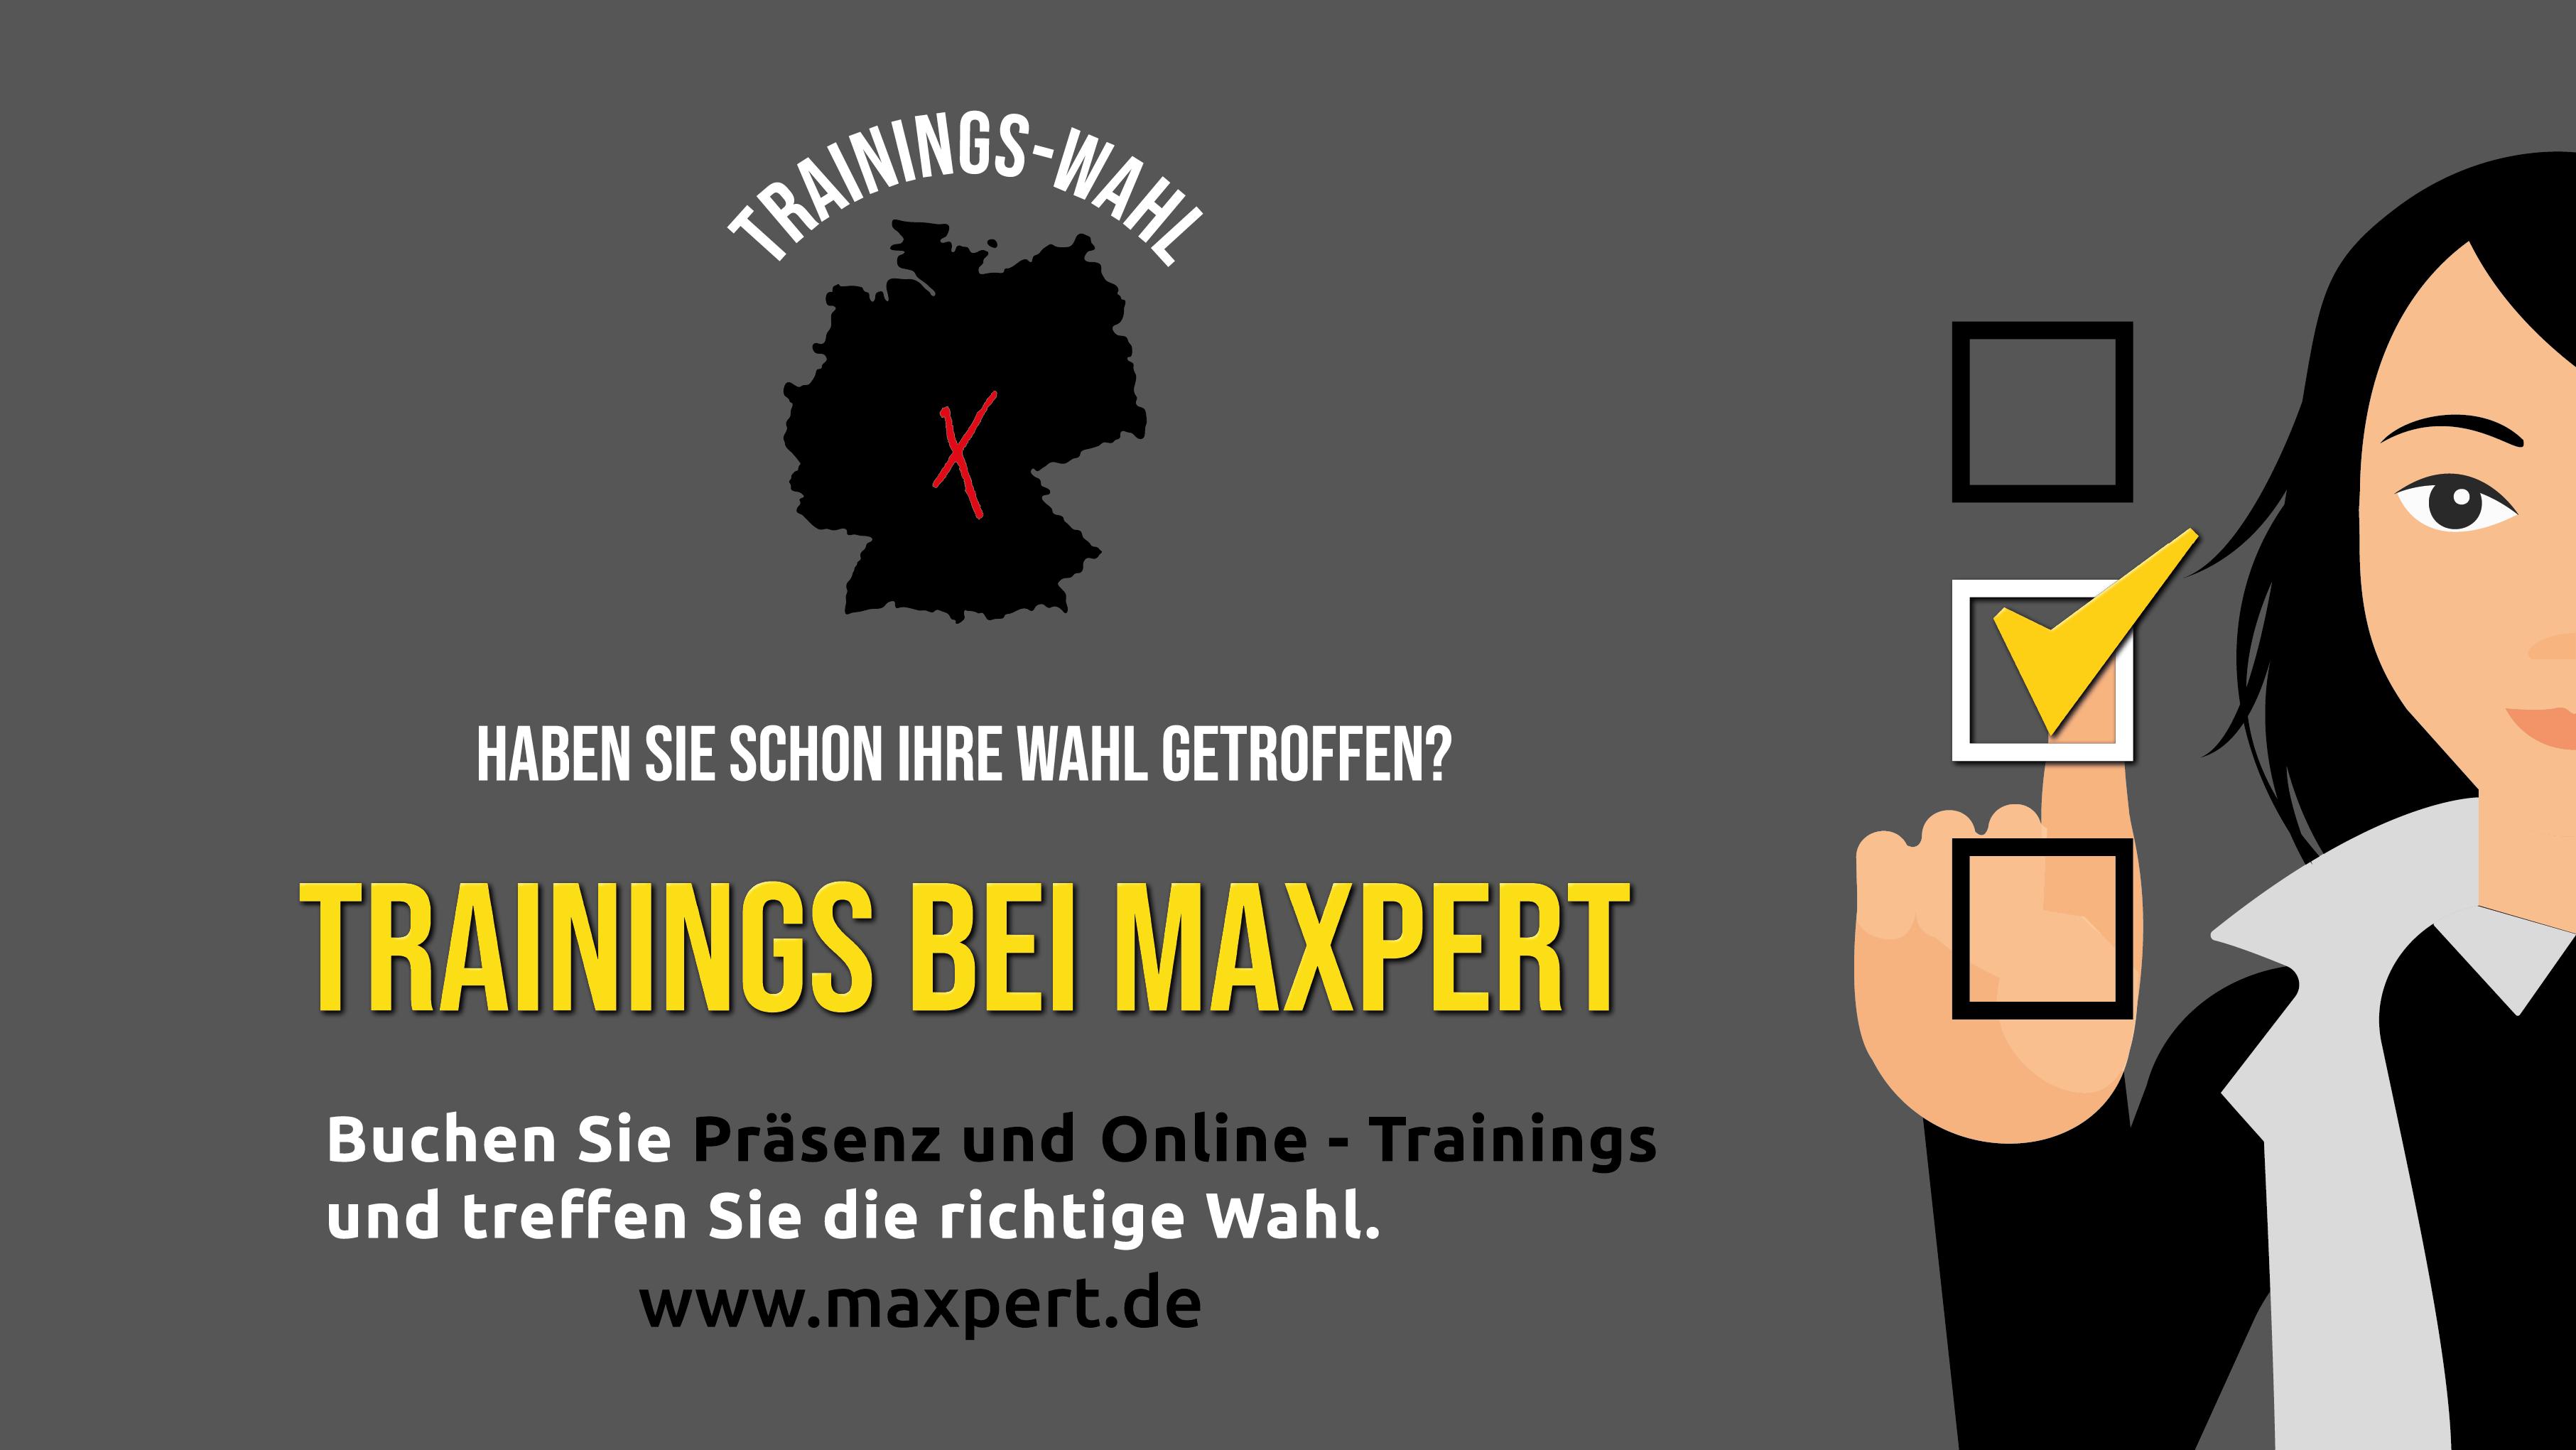 Wahl bei Maxpert